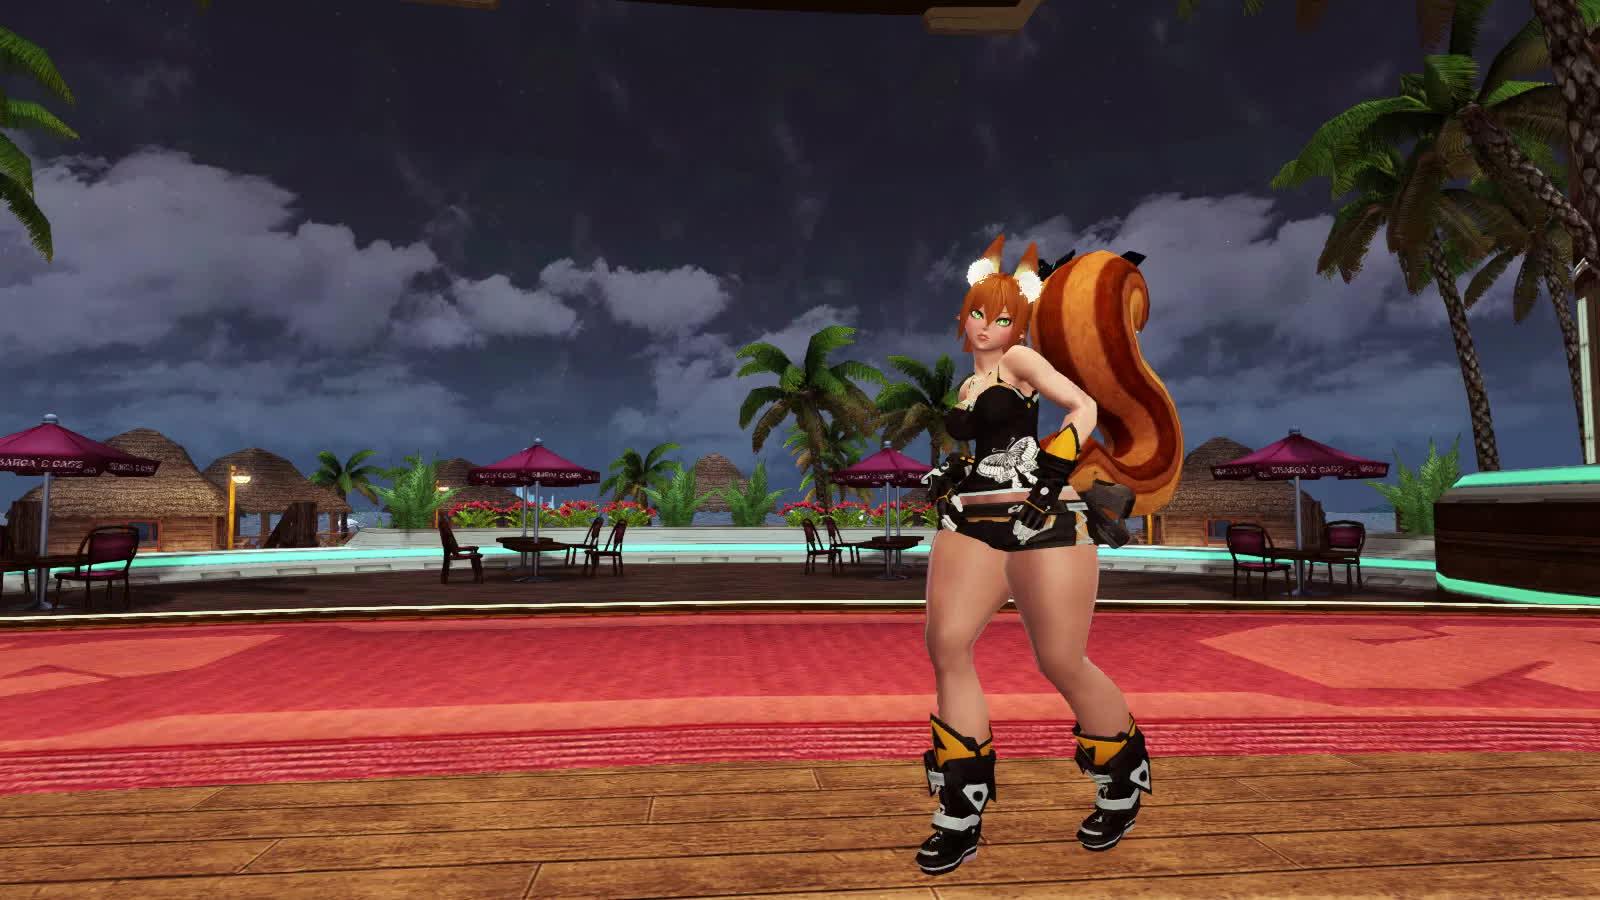 dance, pso2, squirrel, Mayura, dance29 GIFs